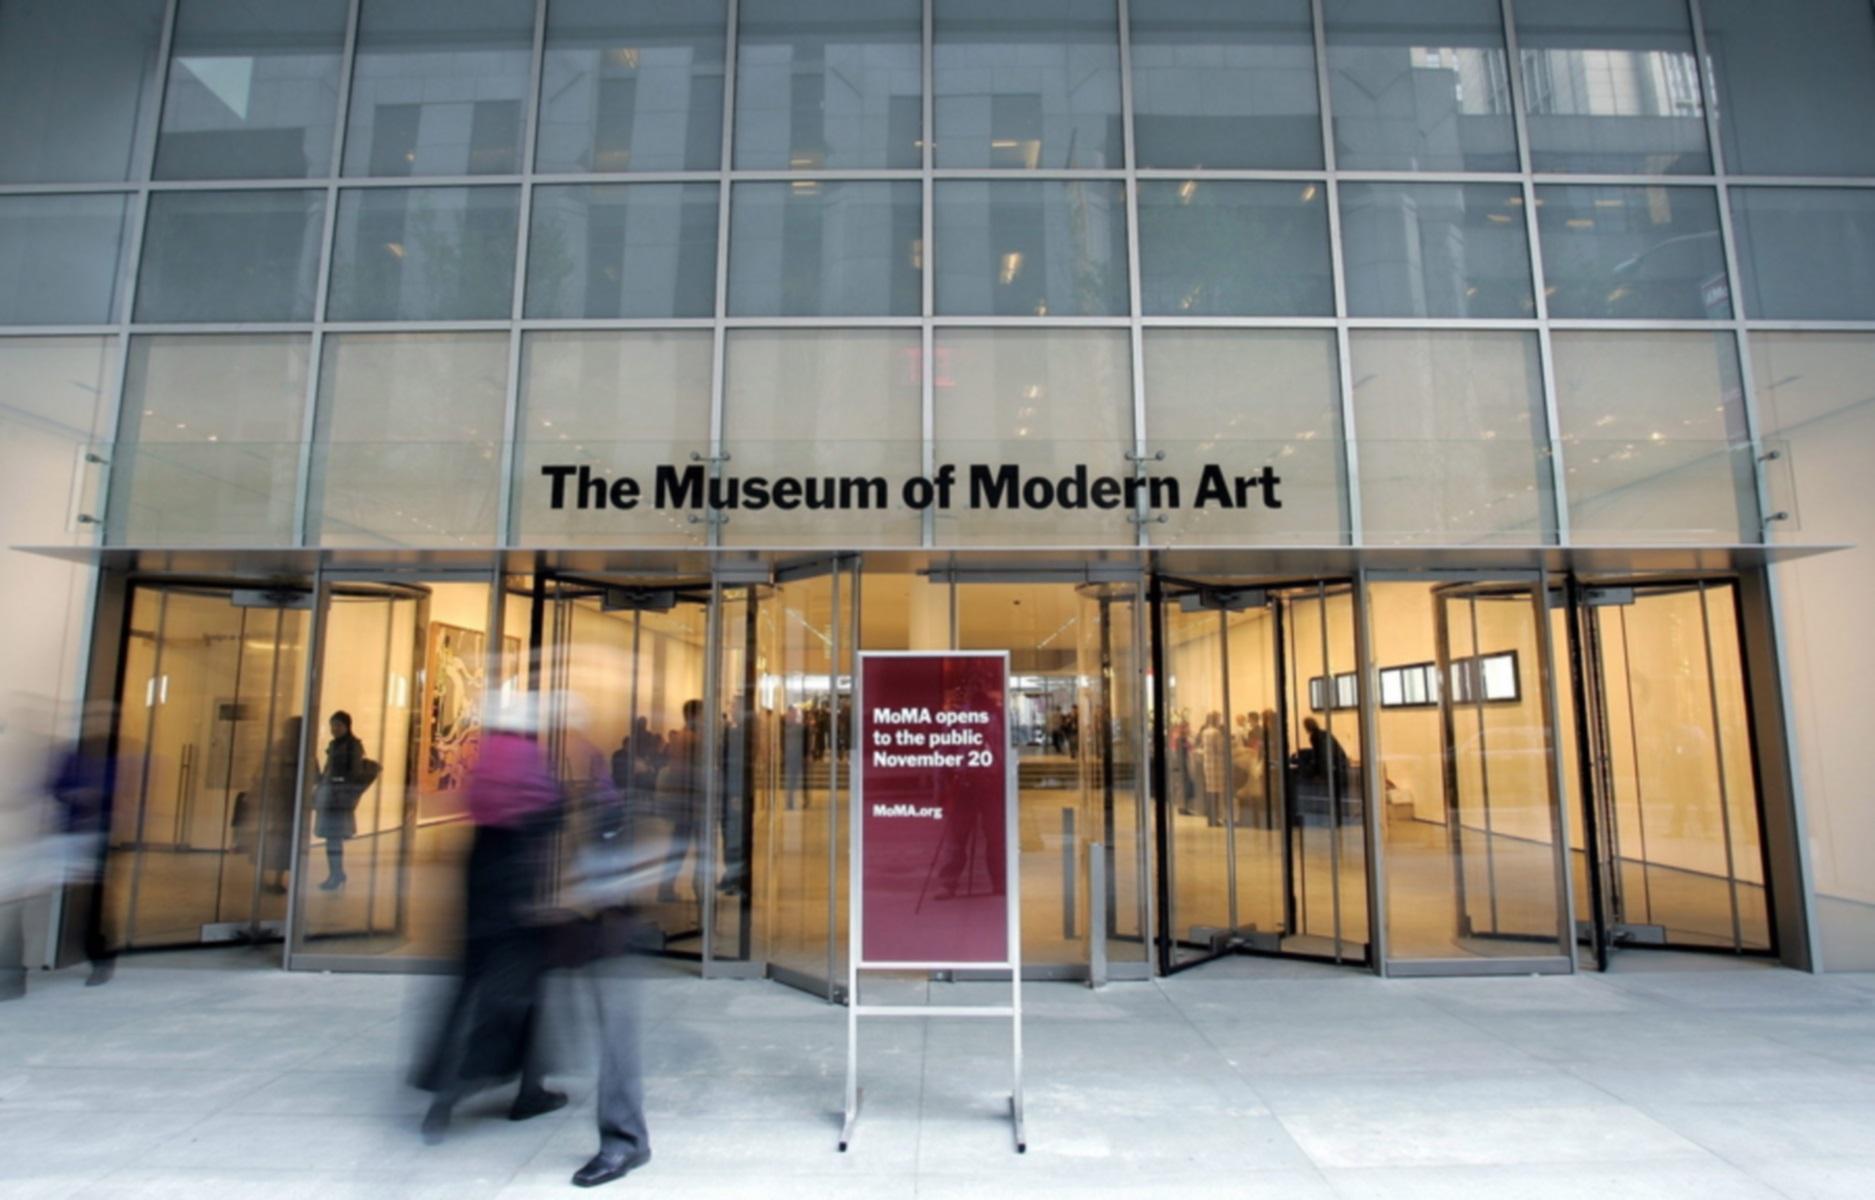 Παρέμβαση του MoMA για την κατεδάφιση κτιρίου με τοιχογραφίες του Πικάσο